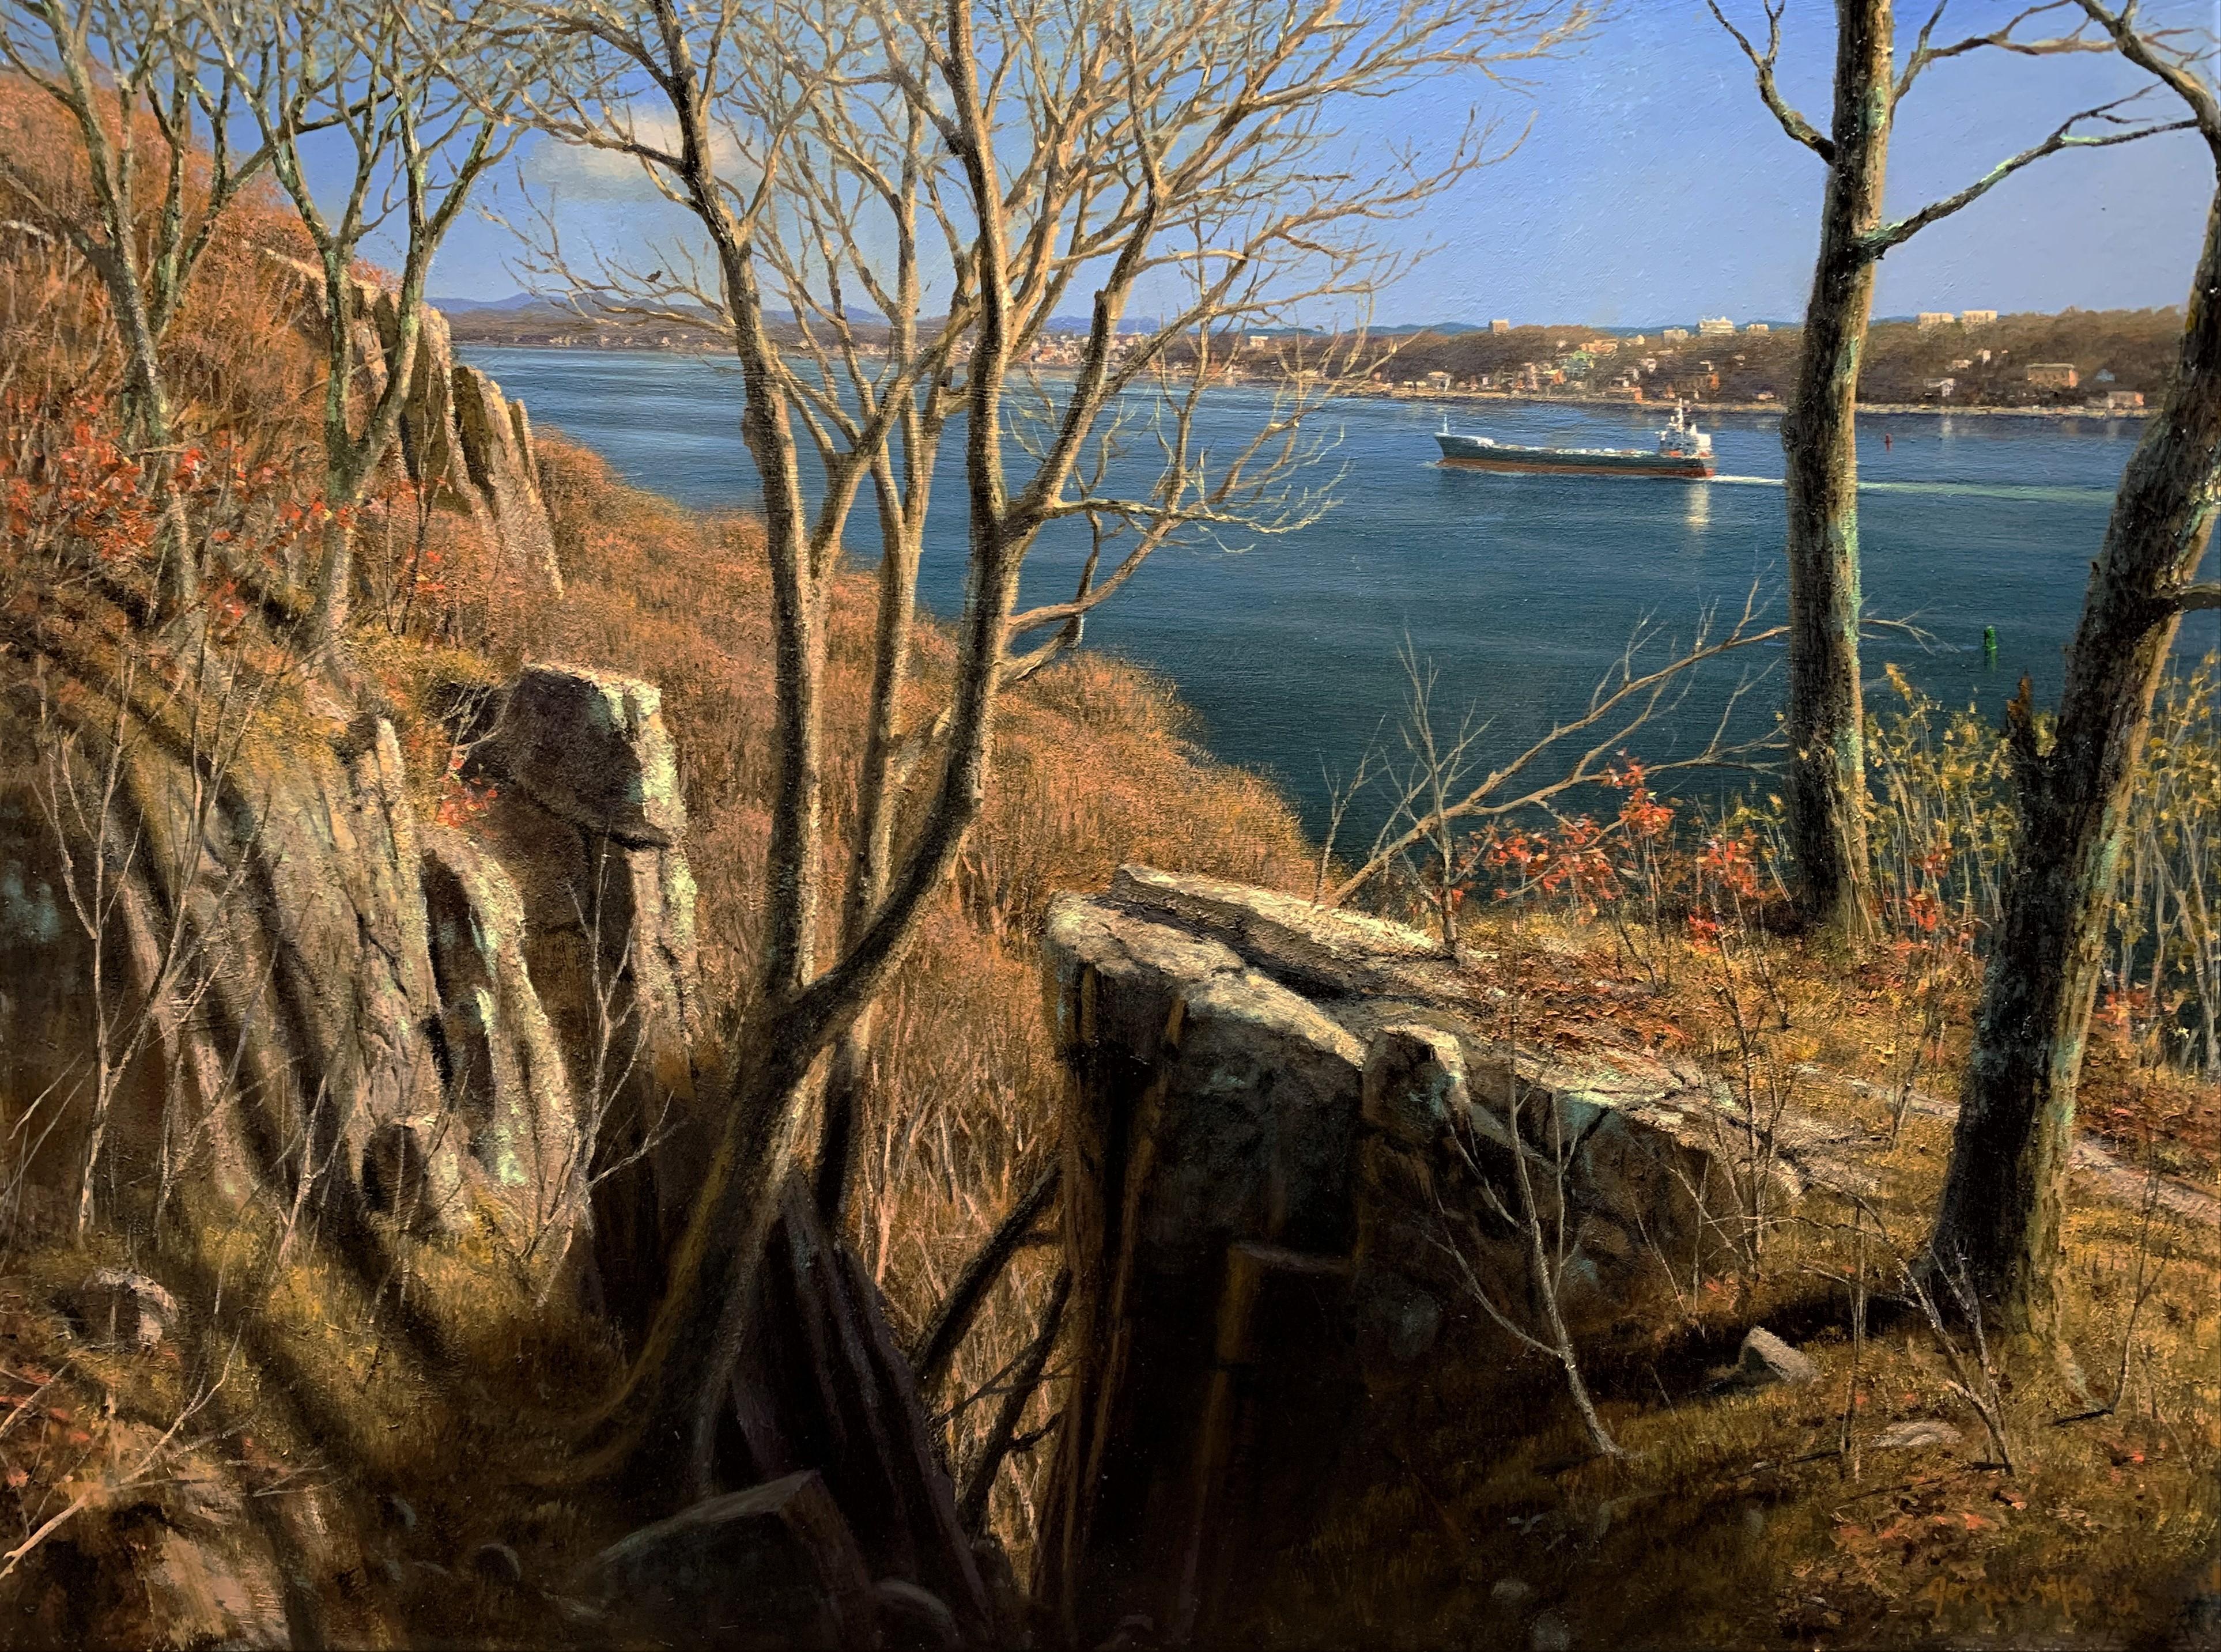 Warm Winter Sun, The Hudson River